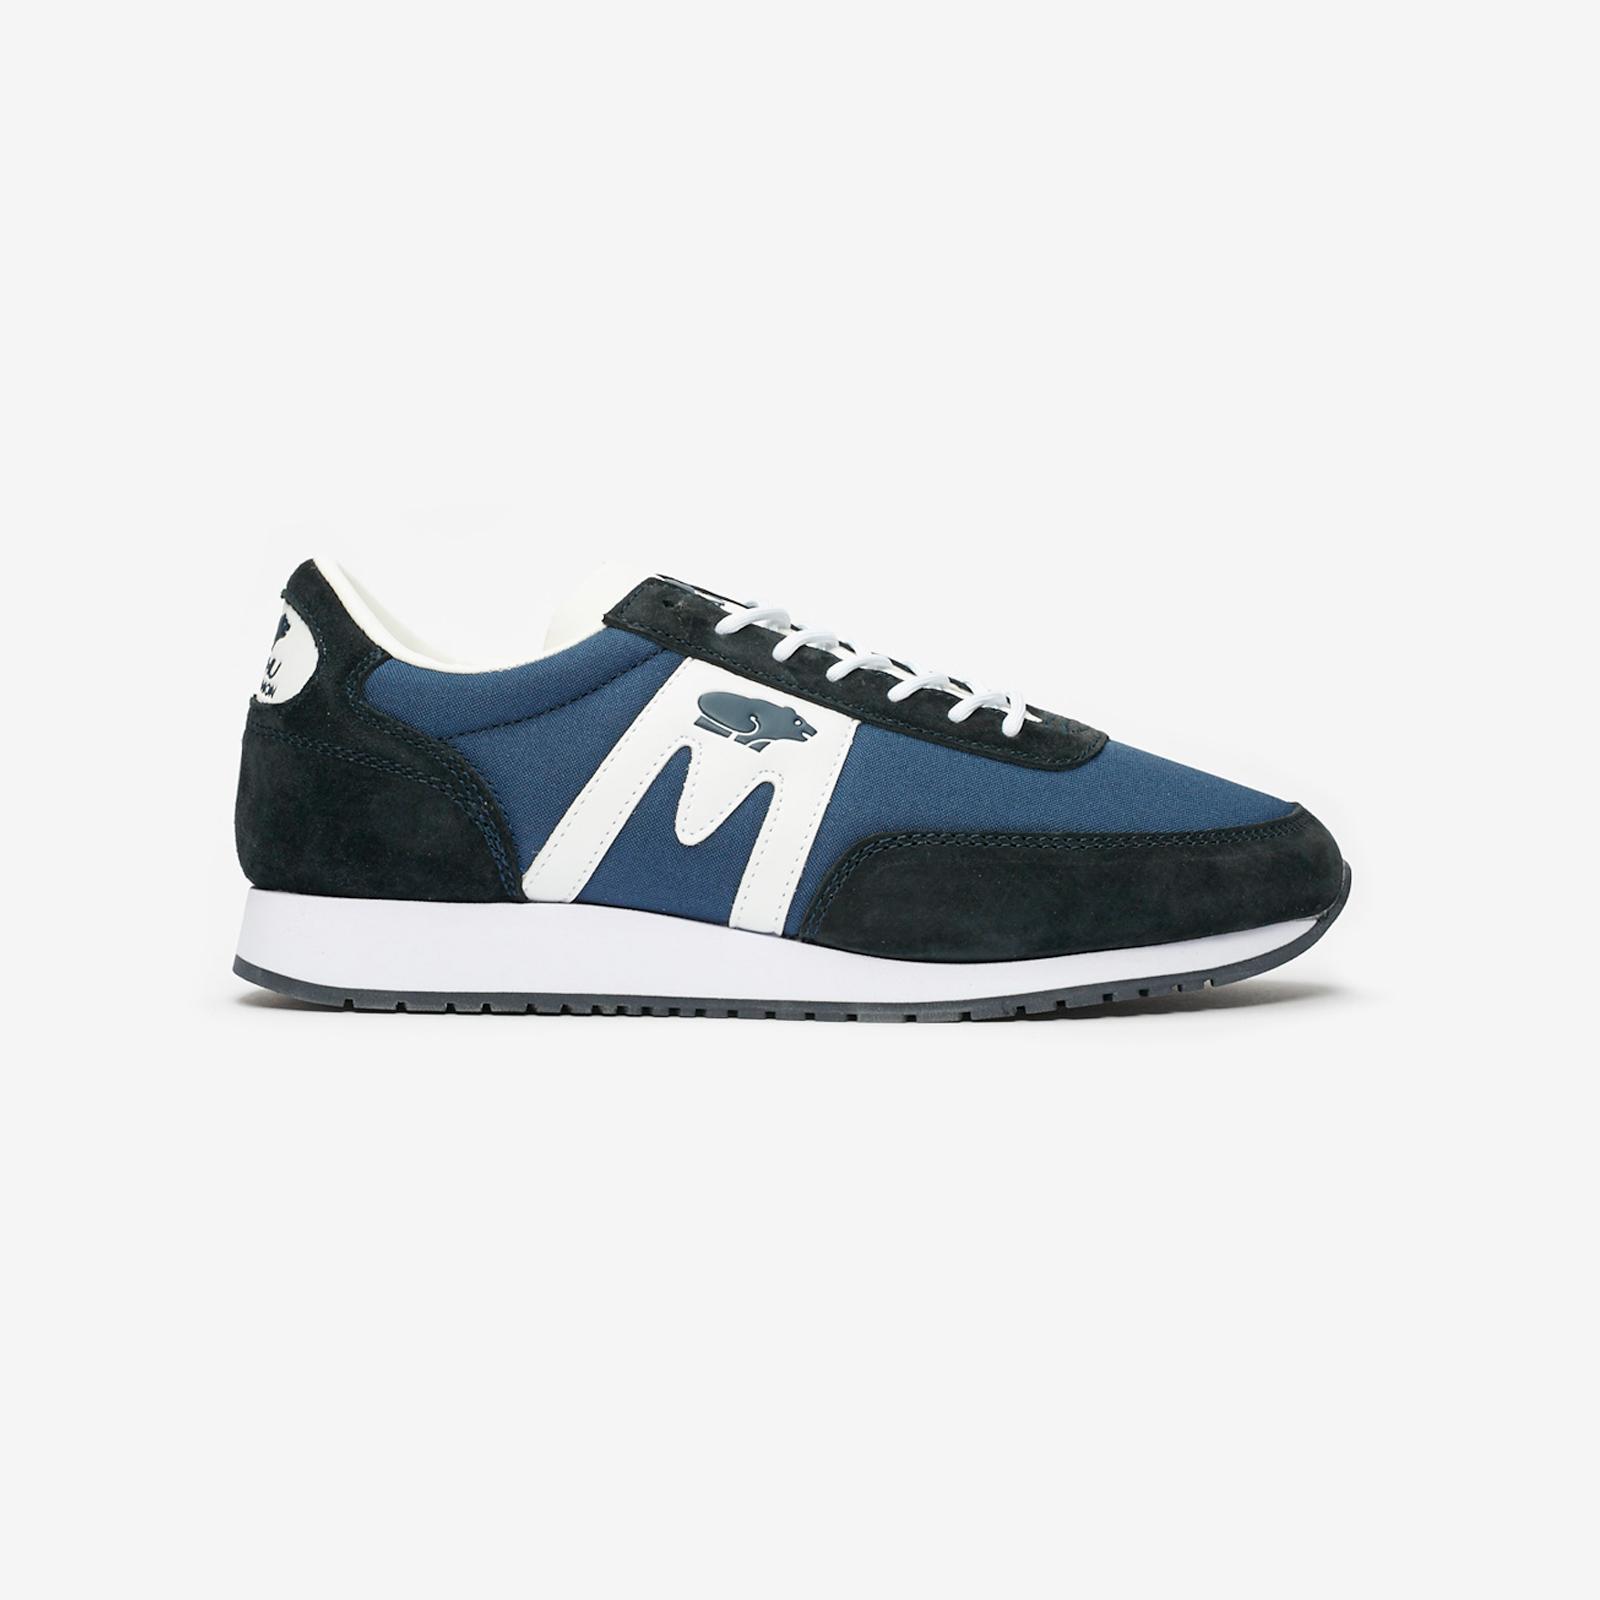 diagonal Mar patrón  Karhu Albatross - F802501 - Sneakersnstuff | sneakers & streetwear online  since 1999